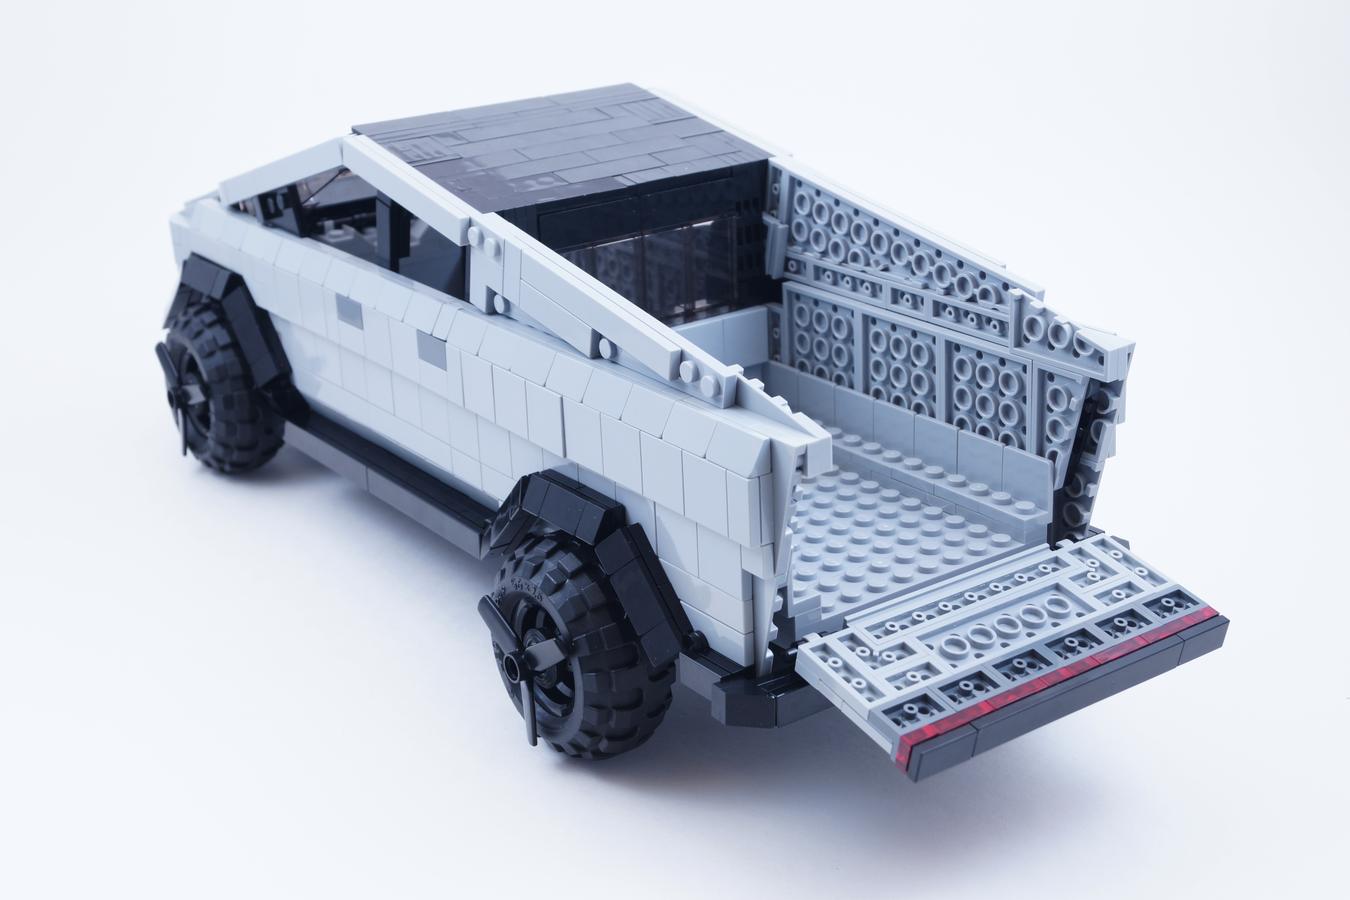 lego-ideas-tesla-cybertruck-back-minifiguren-brickinnick zusammengebaut.com